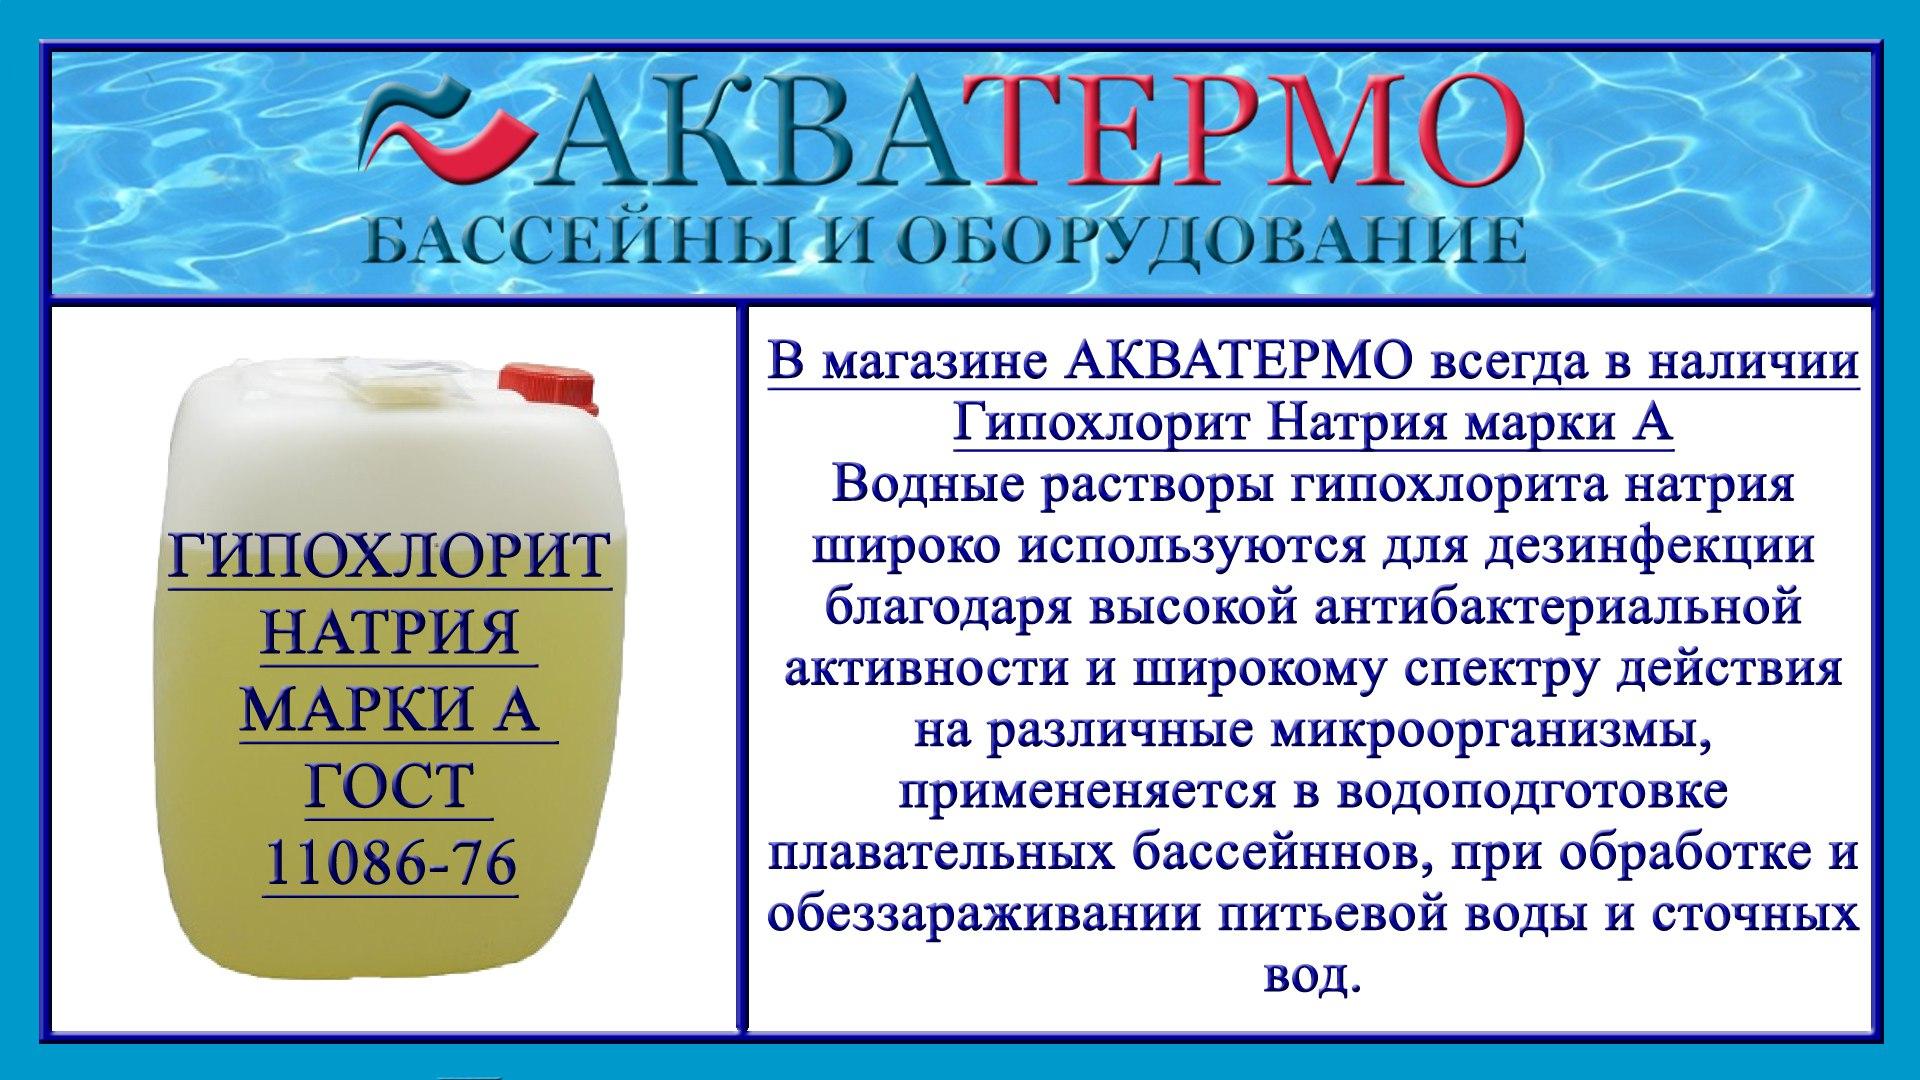 Гипохлорит Натрия марки А в магазине Акватермо в Петрозаводске